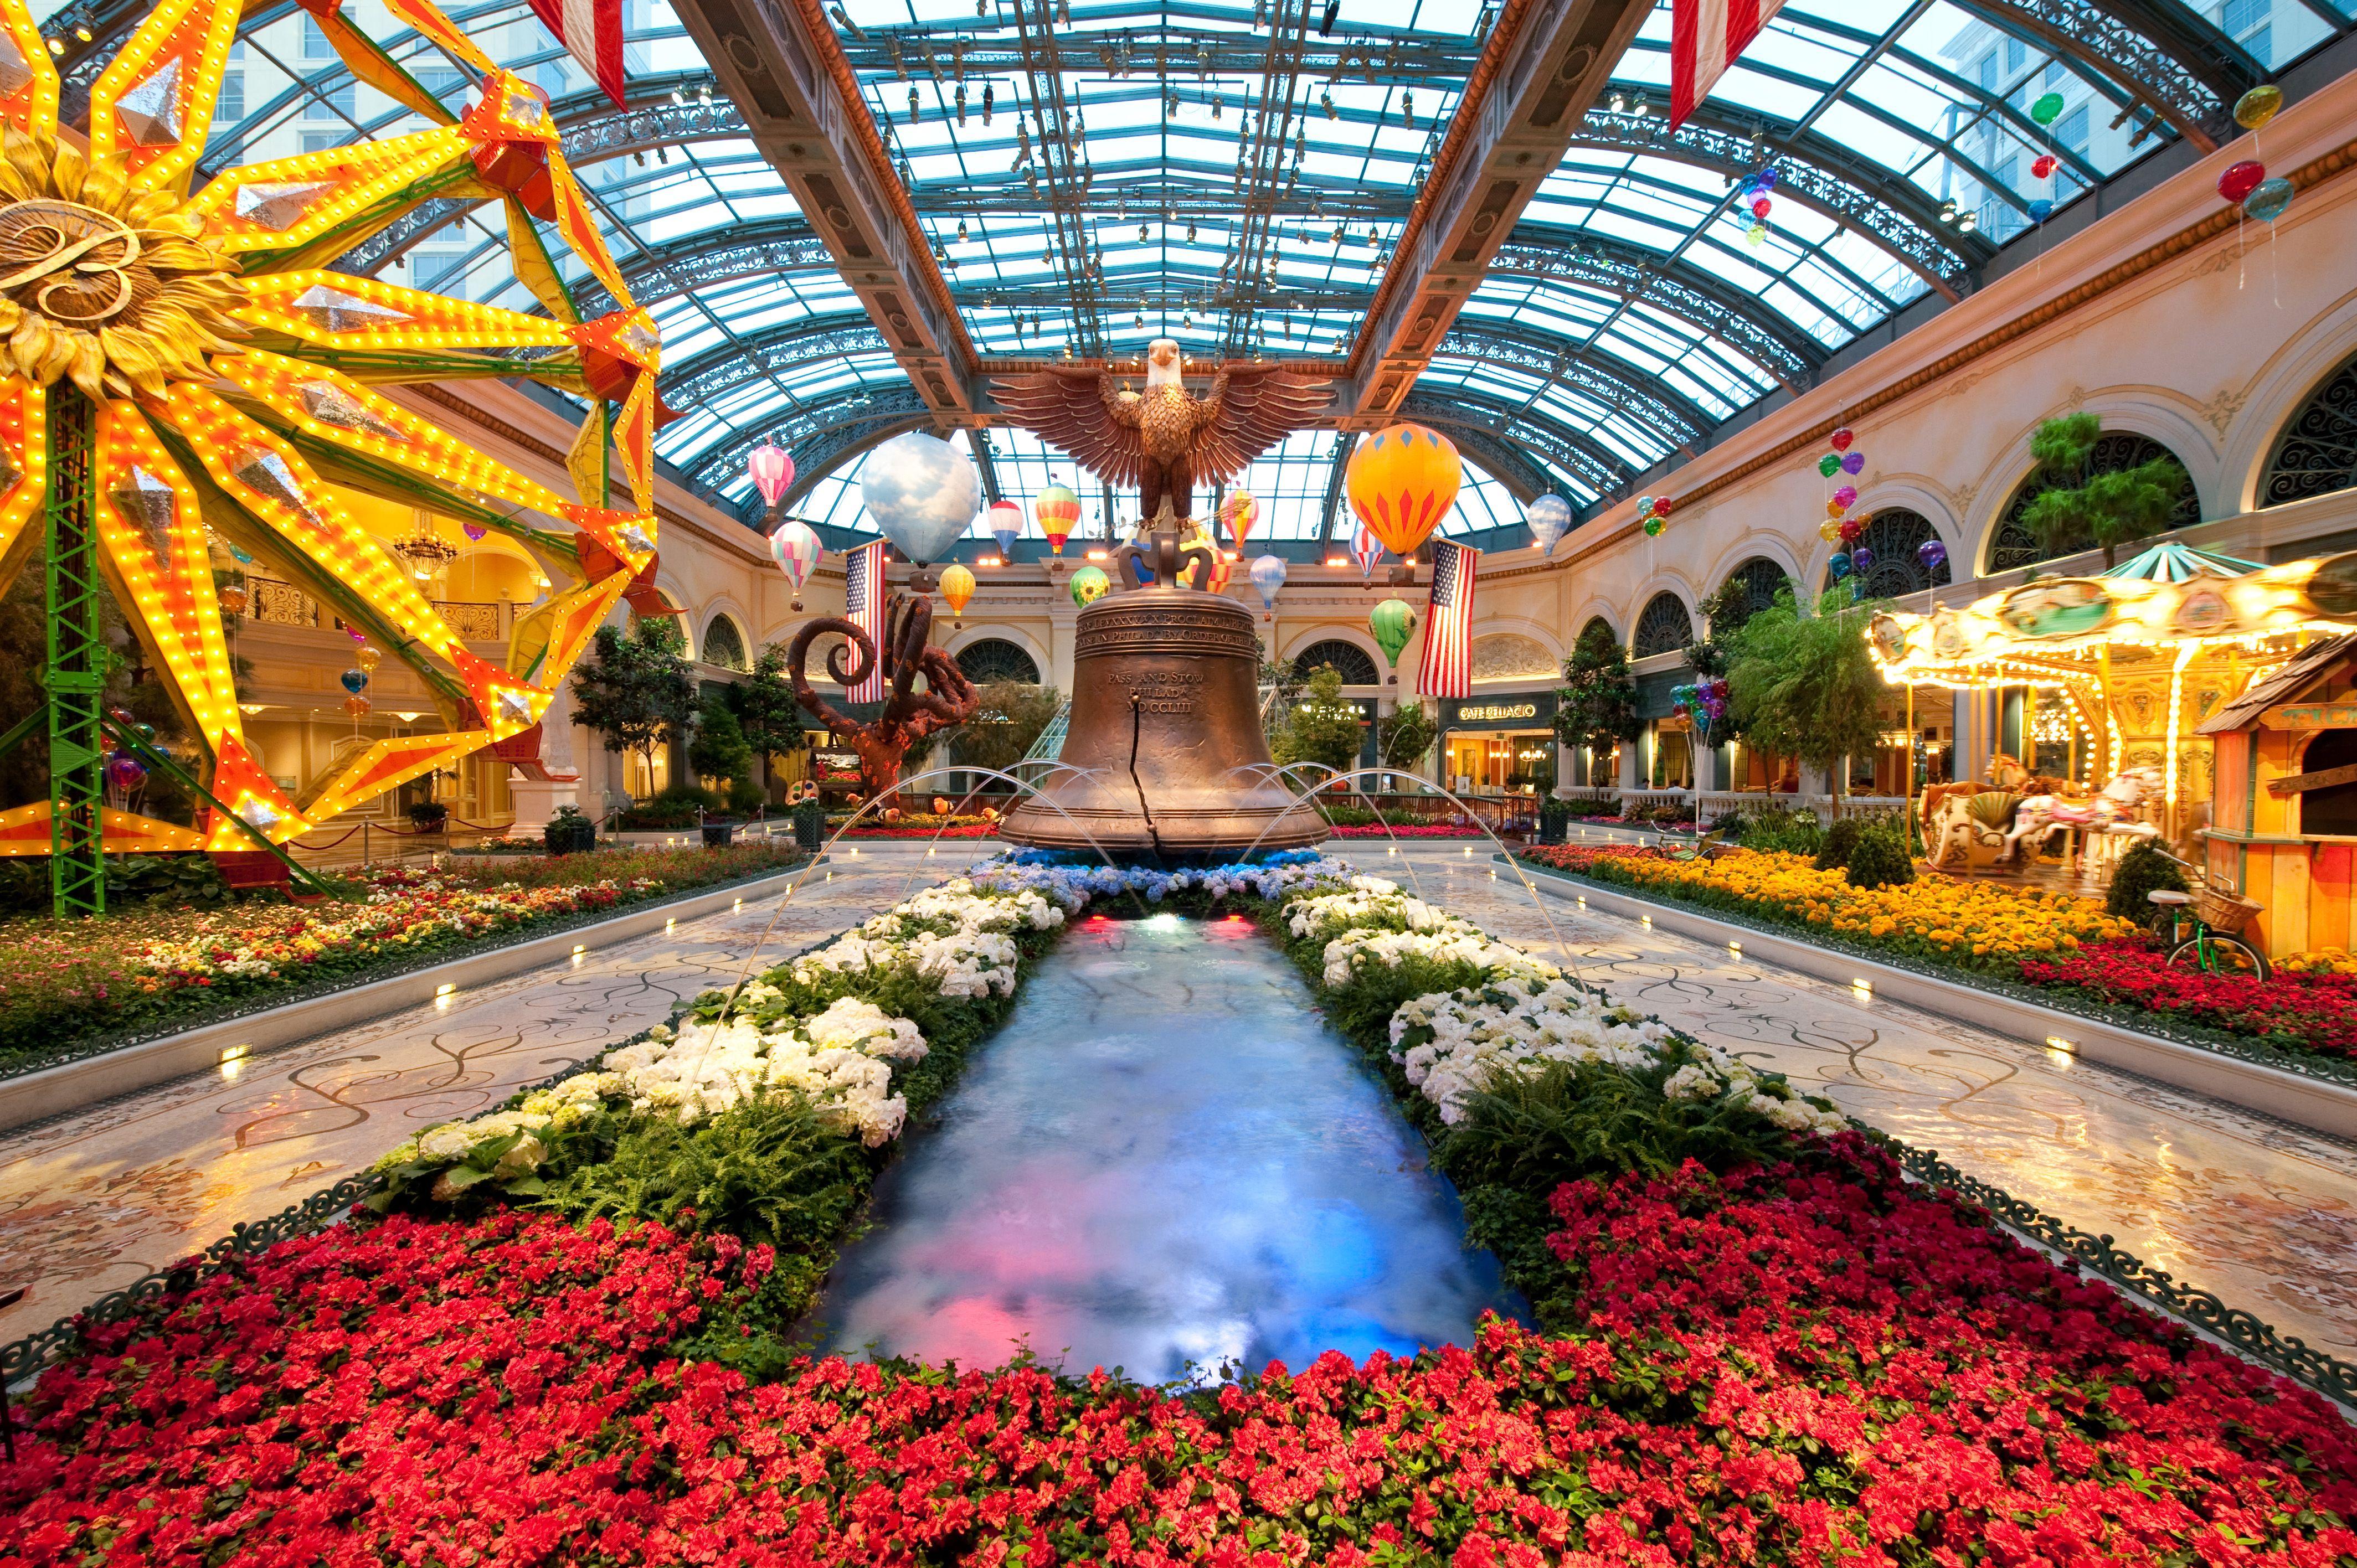 ab2e0629e1388e53afe1eaaf9f63d427 - Bellagio Conservatory & Botanical Gardens Las Vegas